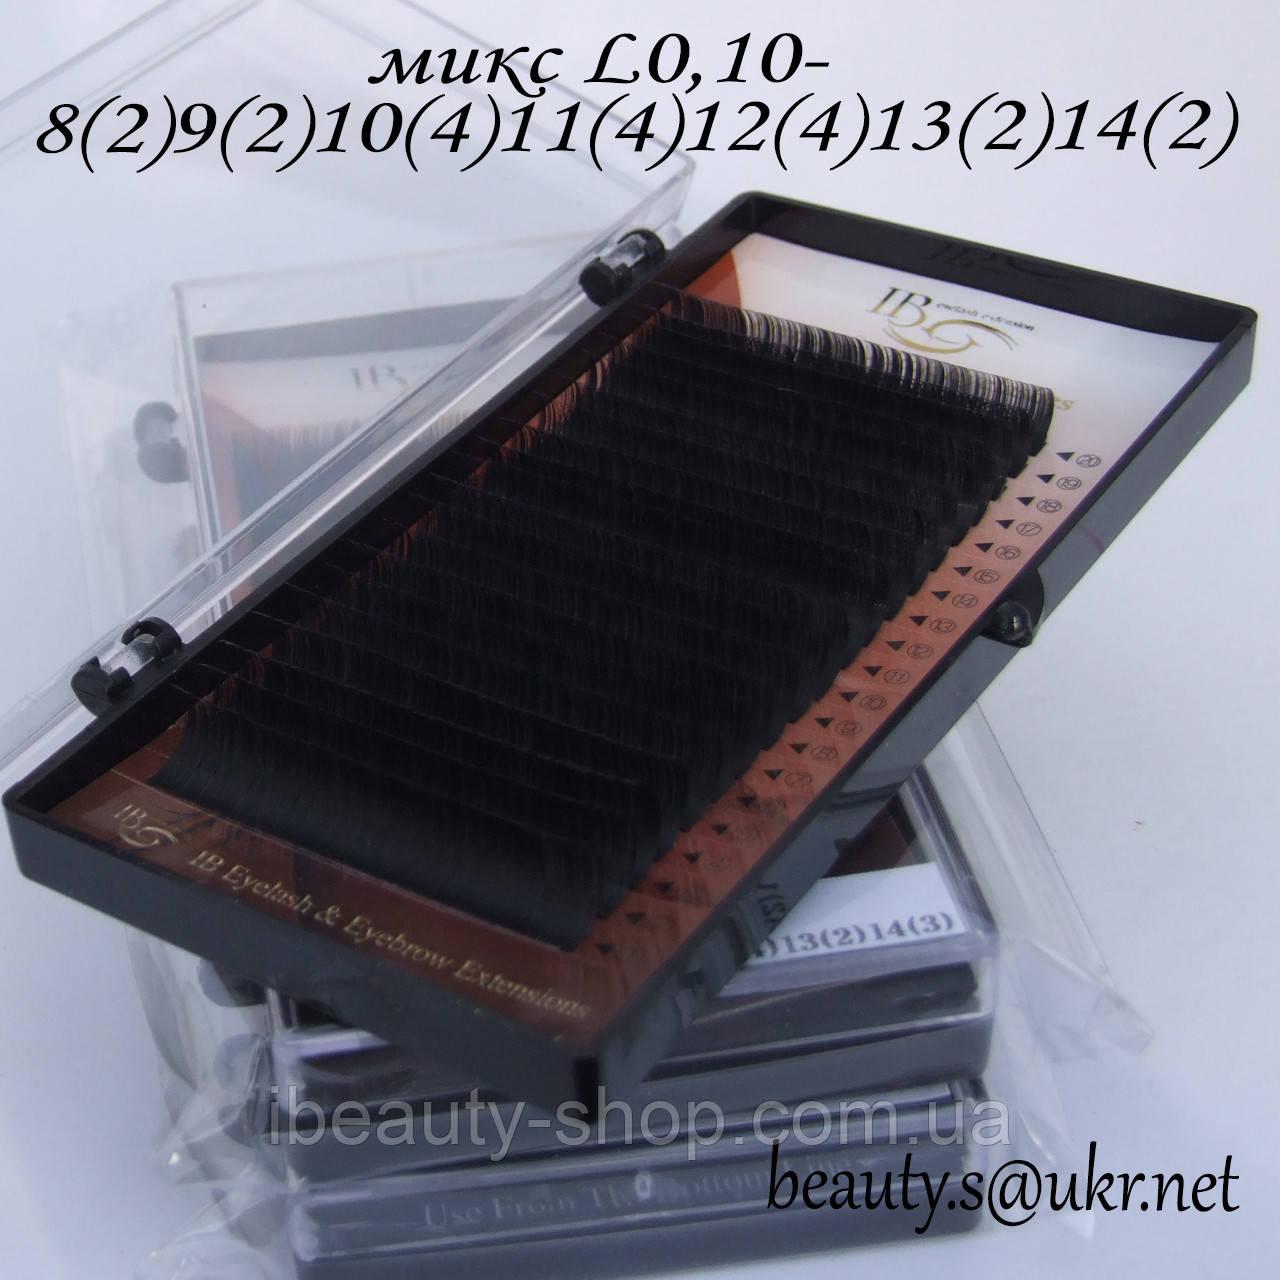 Ресницы I-Beauty микс L-0,10 8-14мм